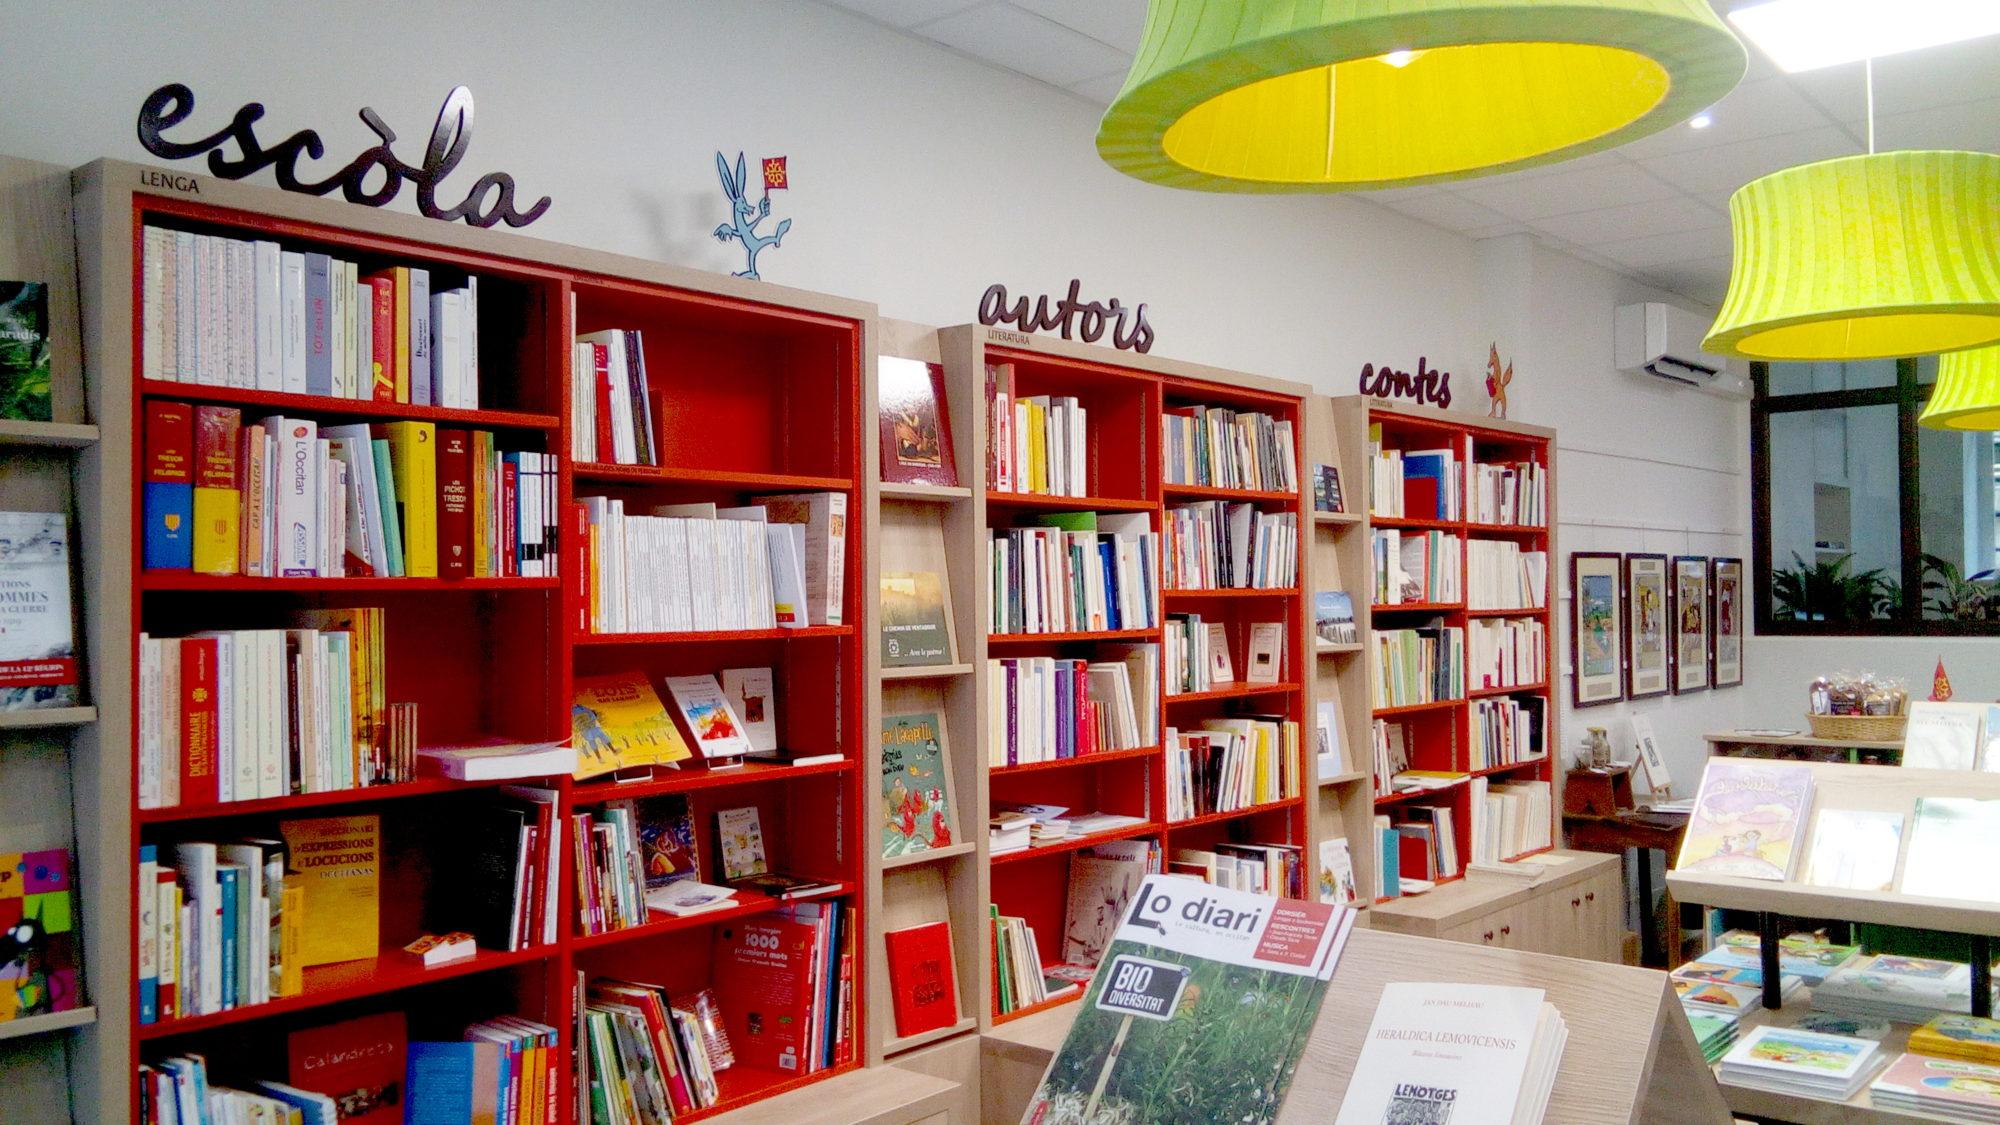 librairie occitane 2